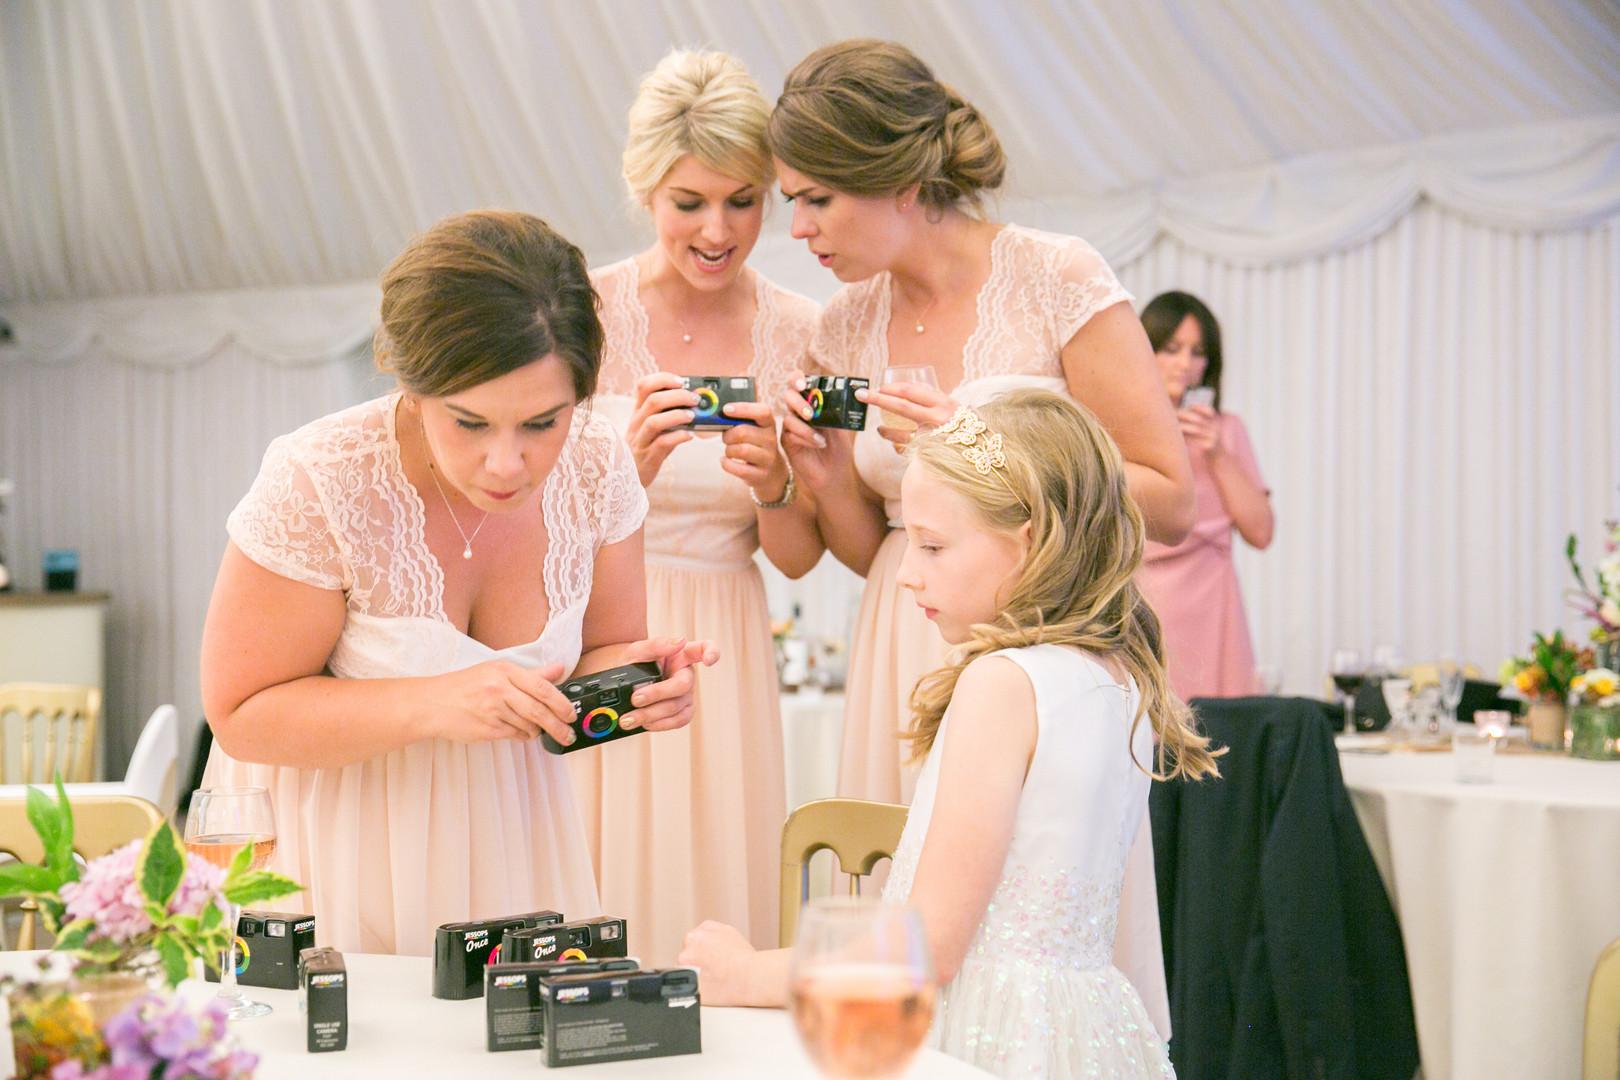 Bridal party disposable cameras